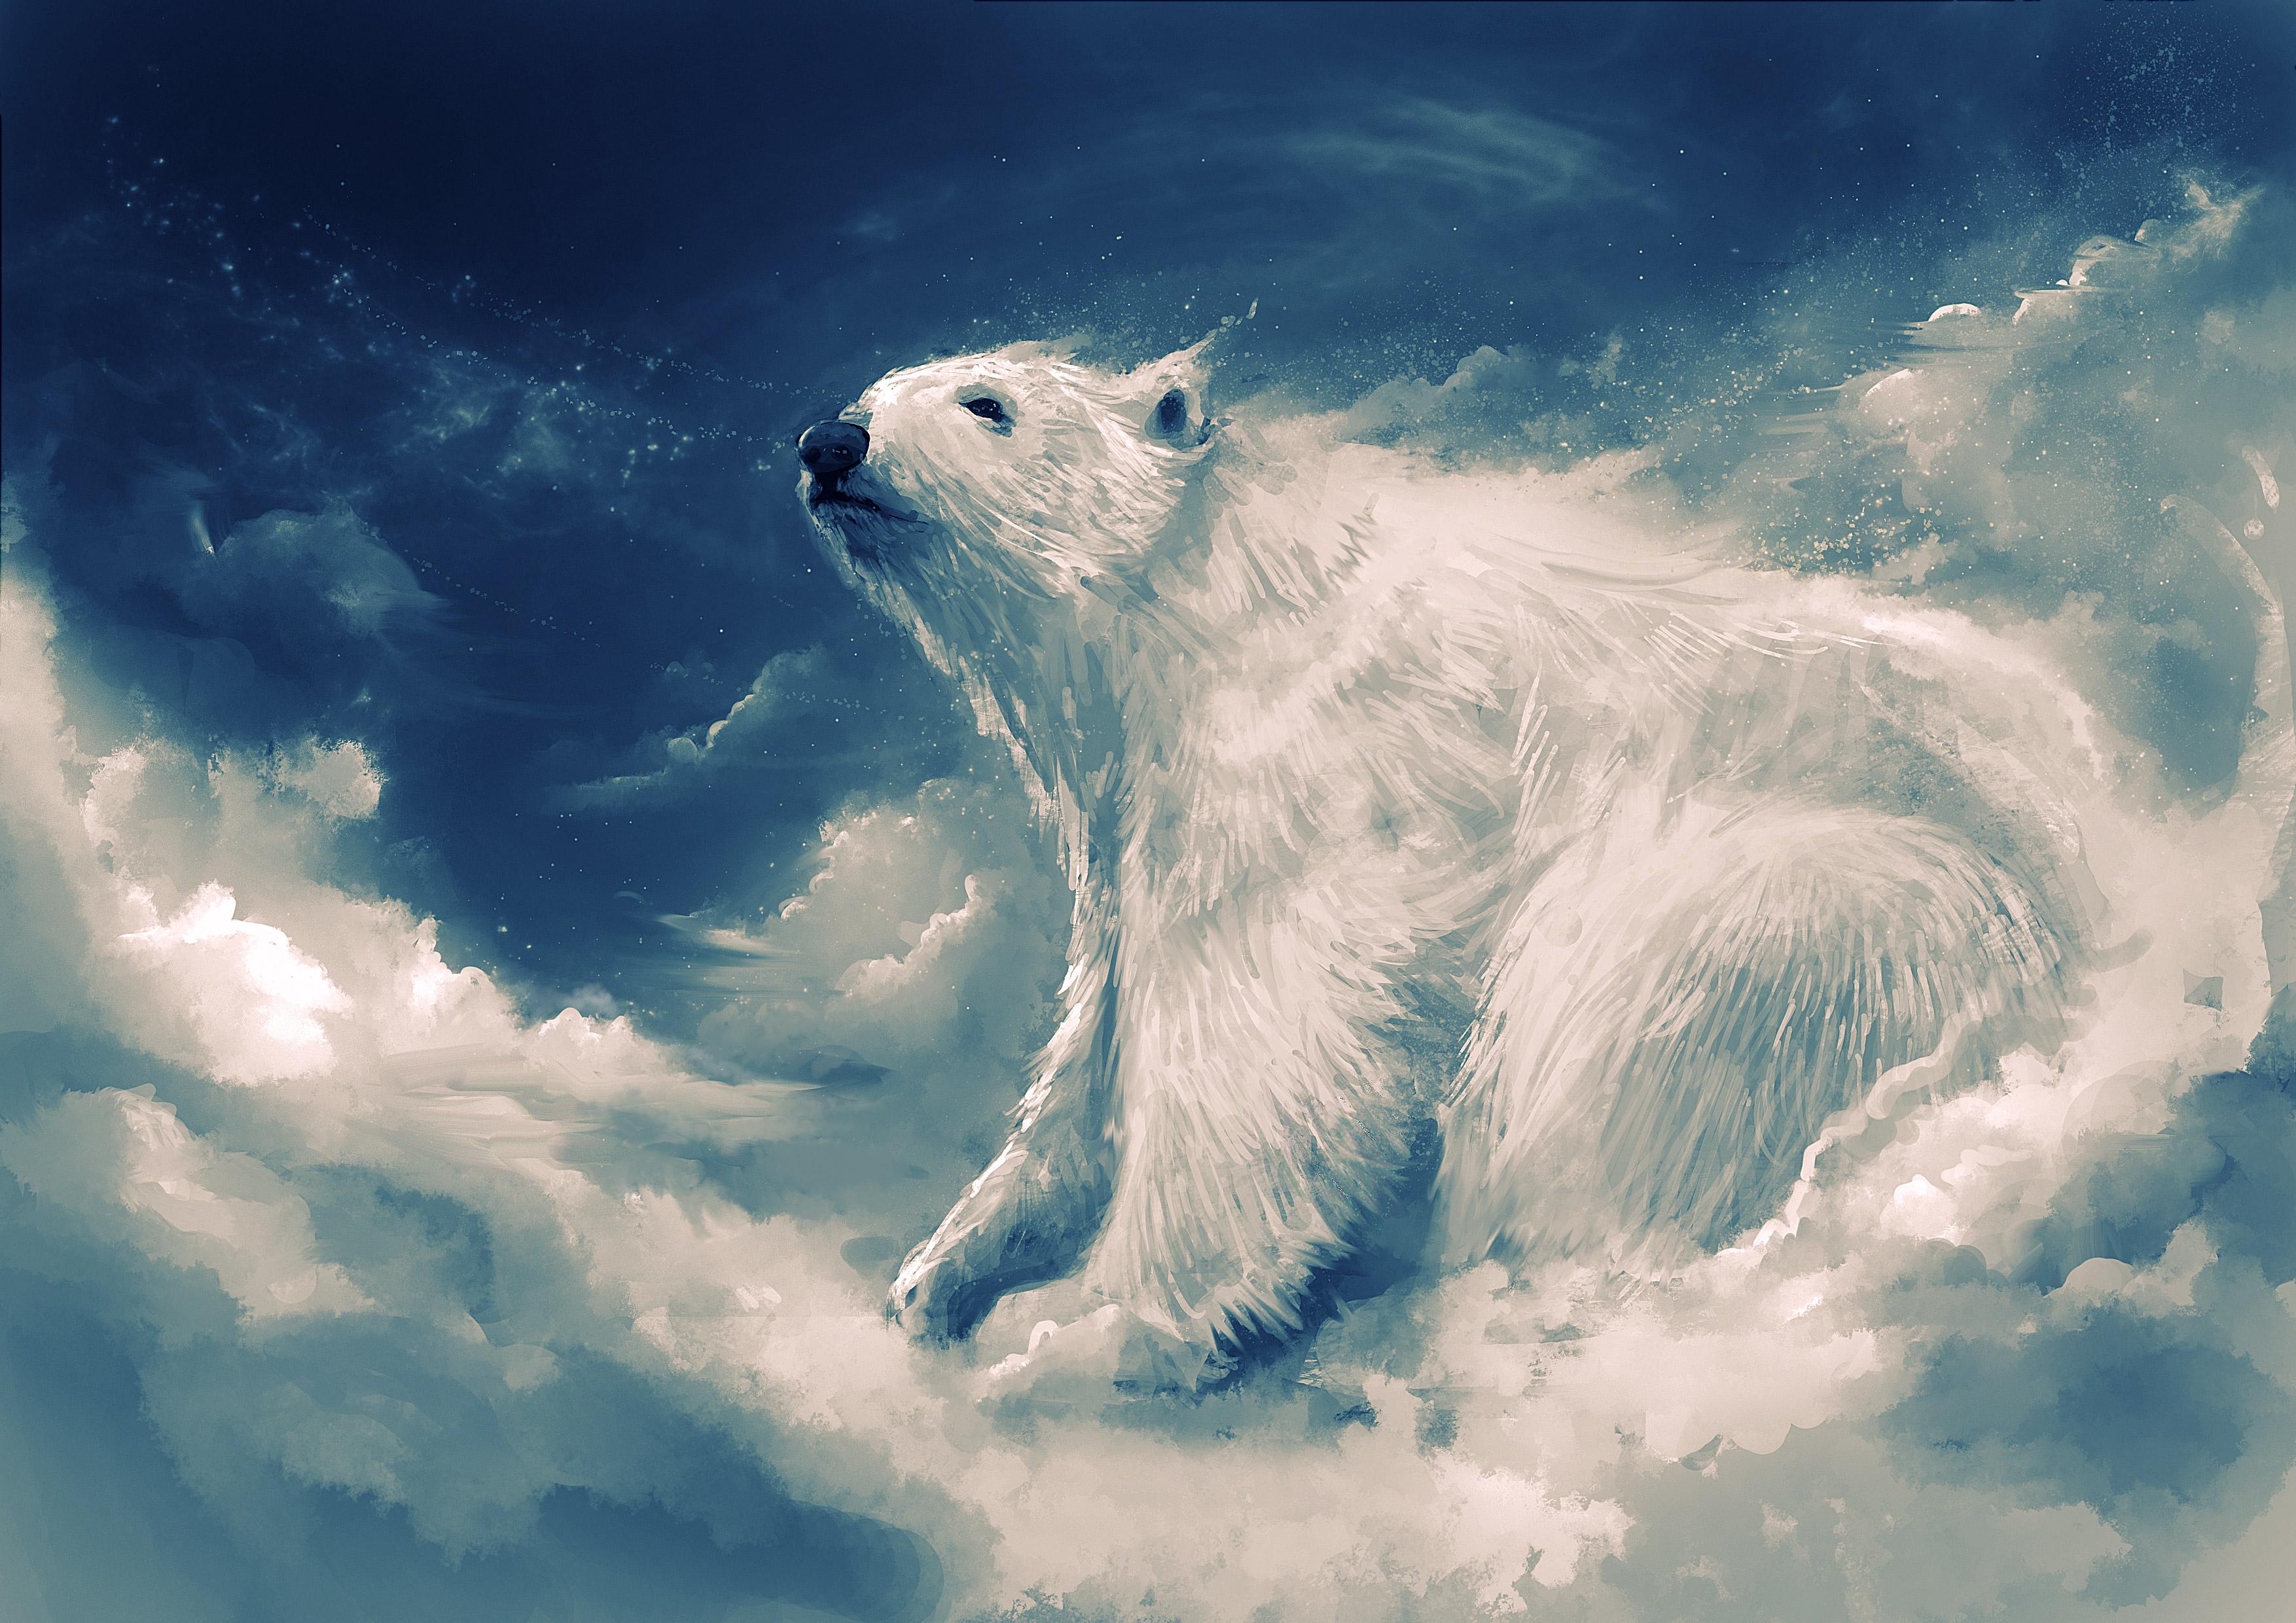 800x1280 Polar Bear Artwork 4k Nexus 7,Samsung Galaxy Tab ...